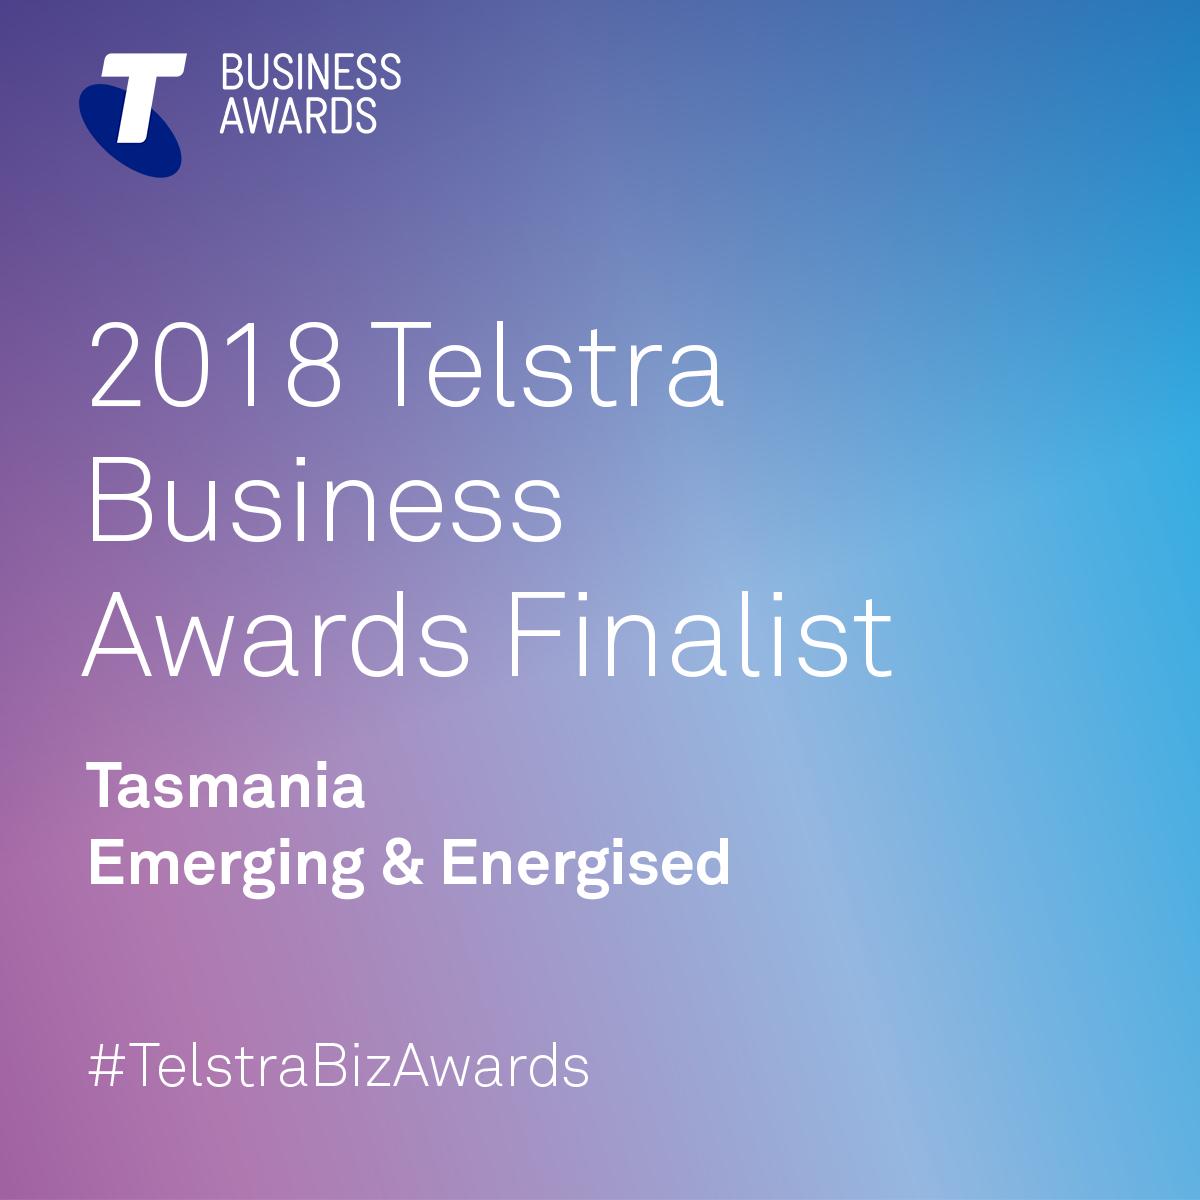 TBA0051-Sate-Final-Tiles-v3Facebook-&-Linkedin_-TAS-Emerging-and-Energised-finalist.png